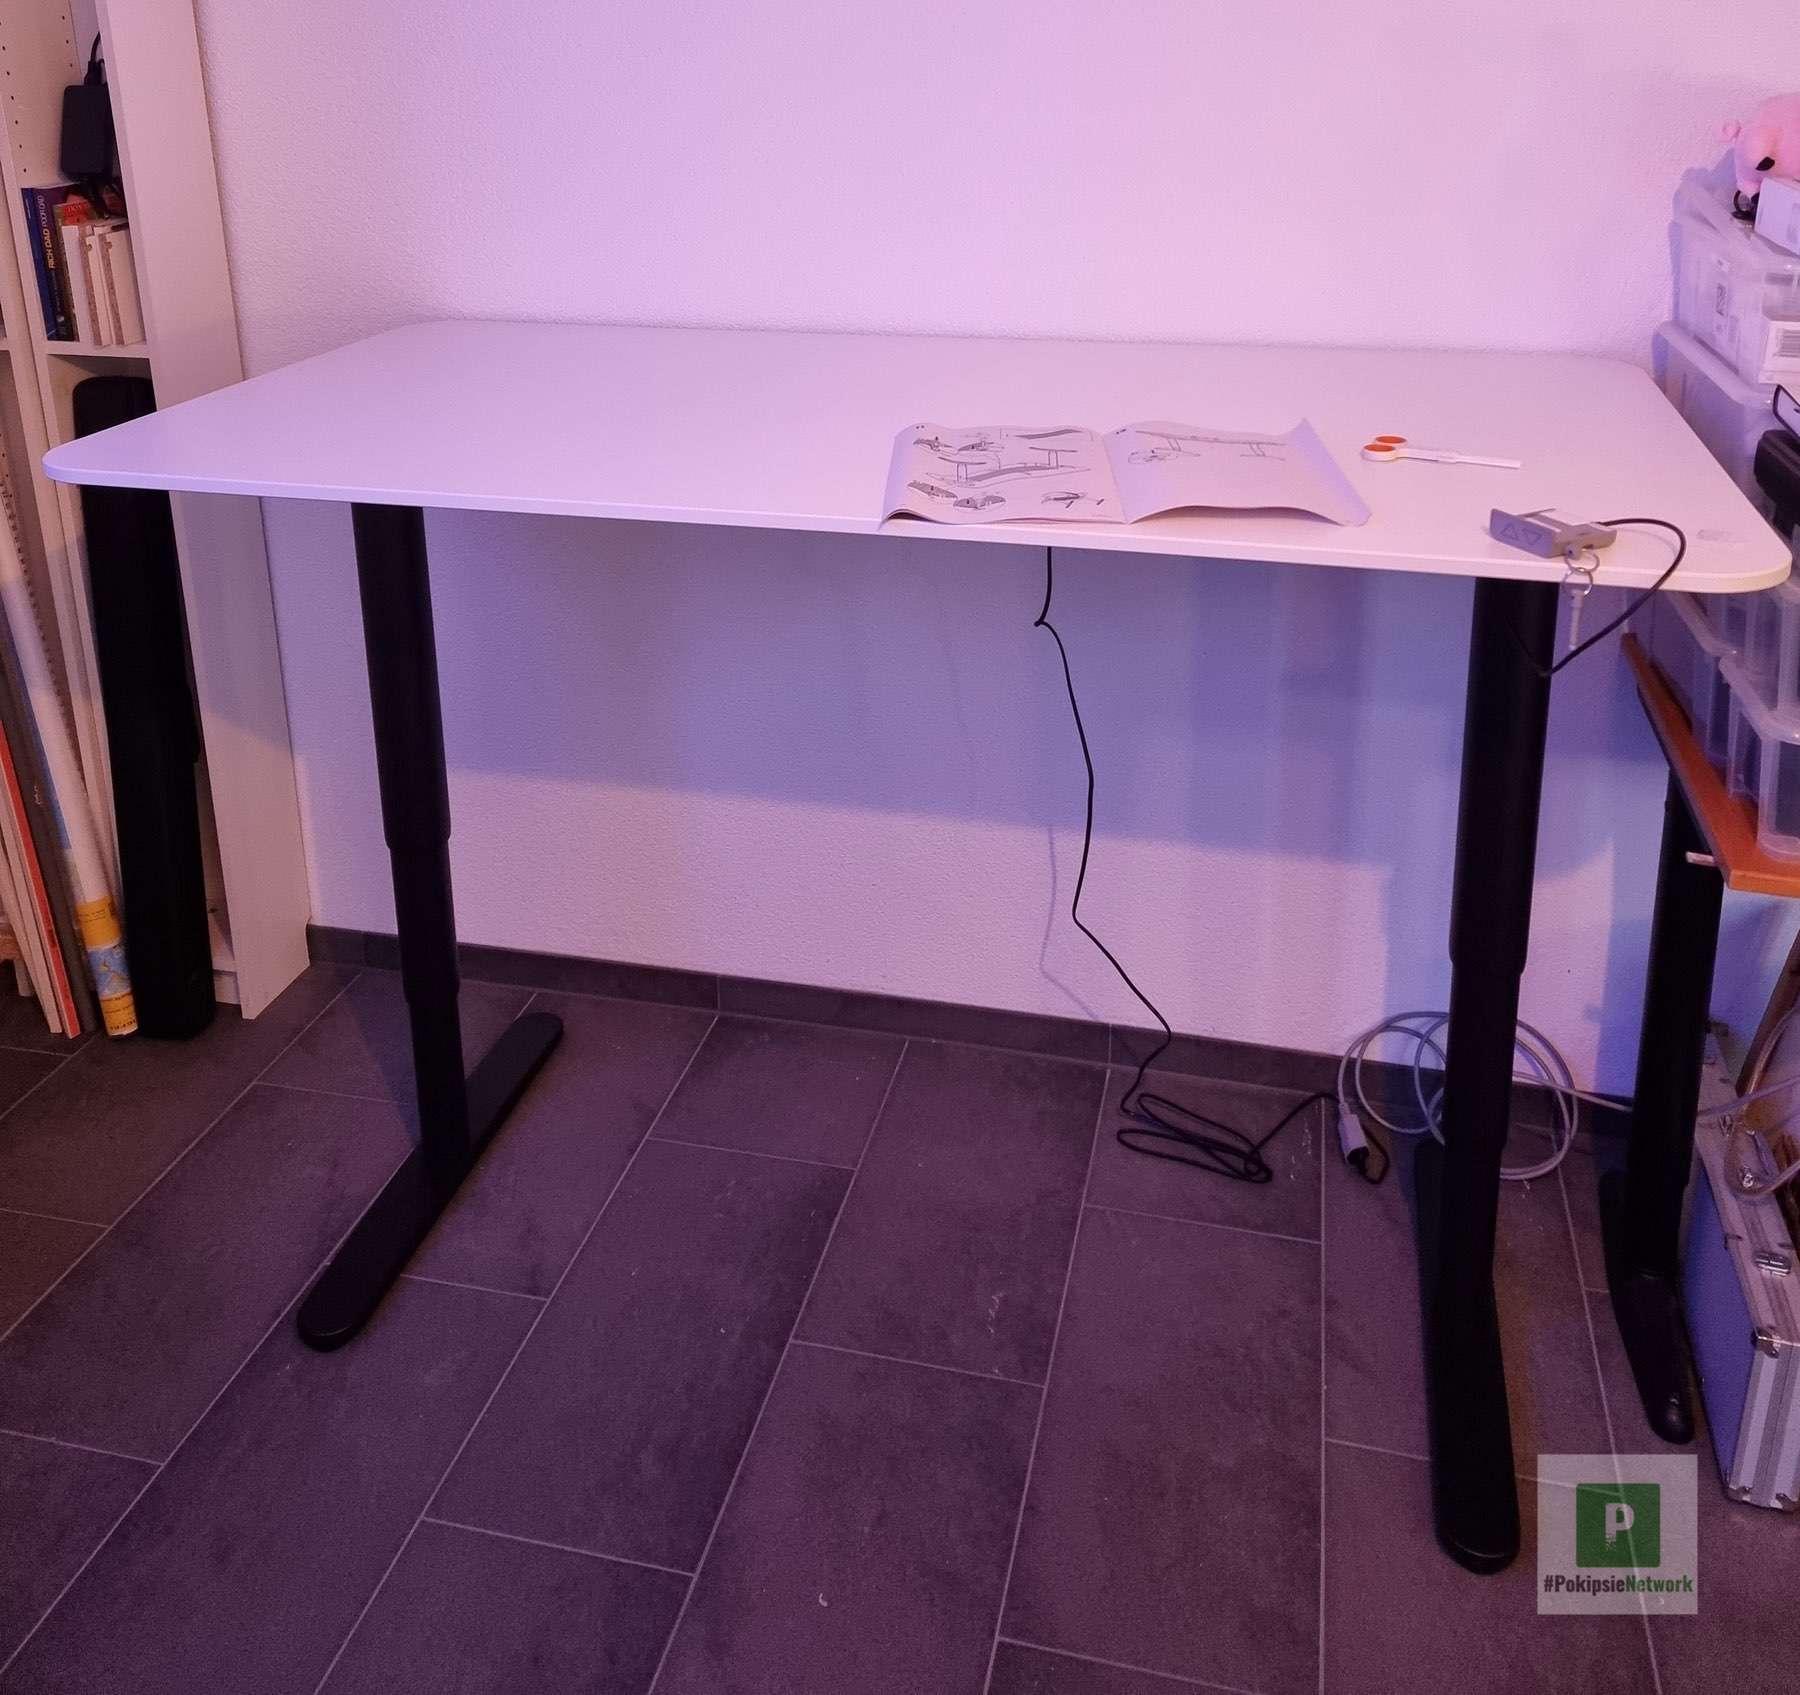 IKEA BEKANT – Stehschreibtisch für den gesunden Büro-Alltag